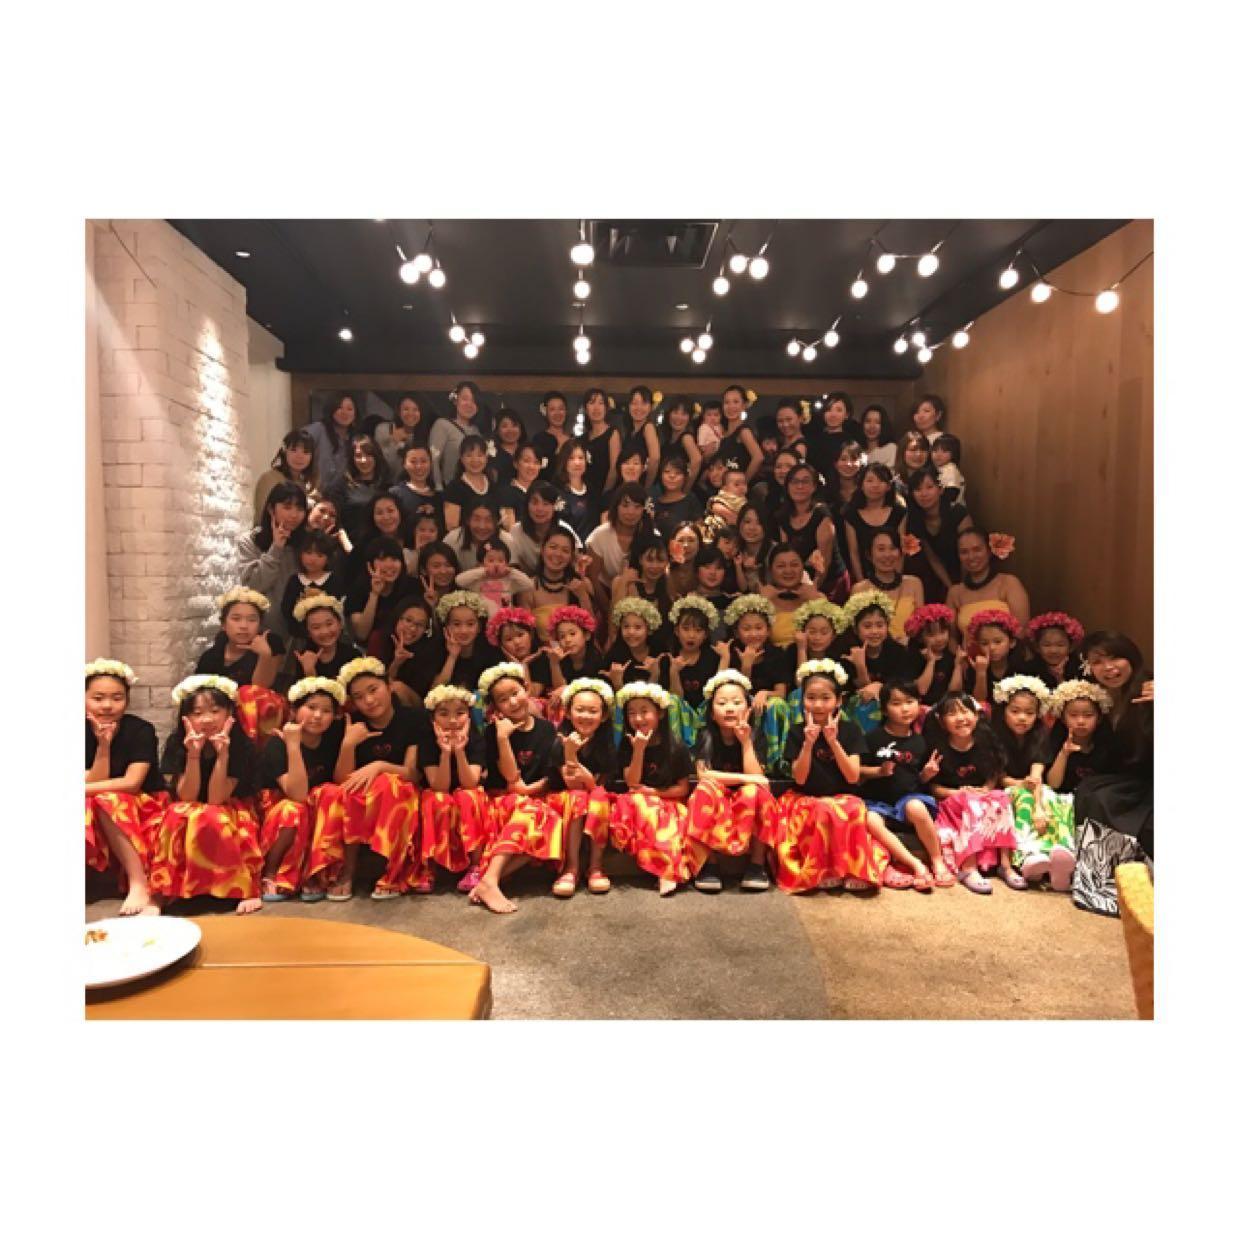 神奈川県横浜市のフラダンスサークル フラレイマイカイ